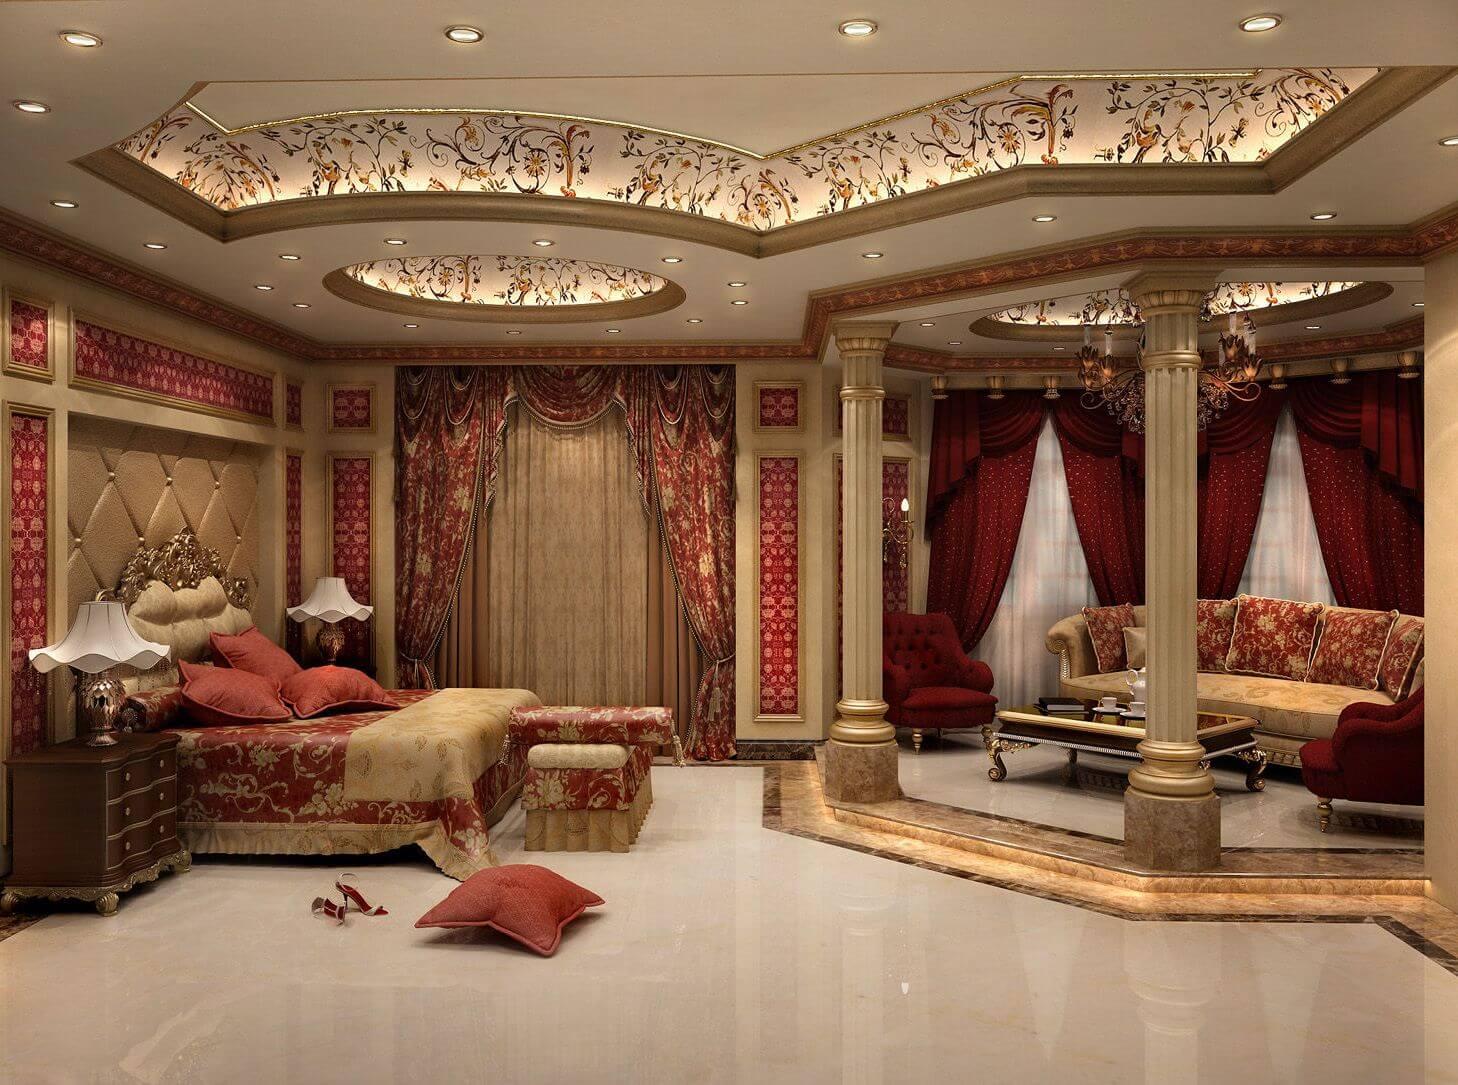 бесподобный потолок из гипсокартона в классической спальне